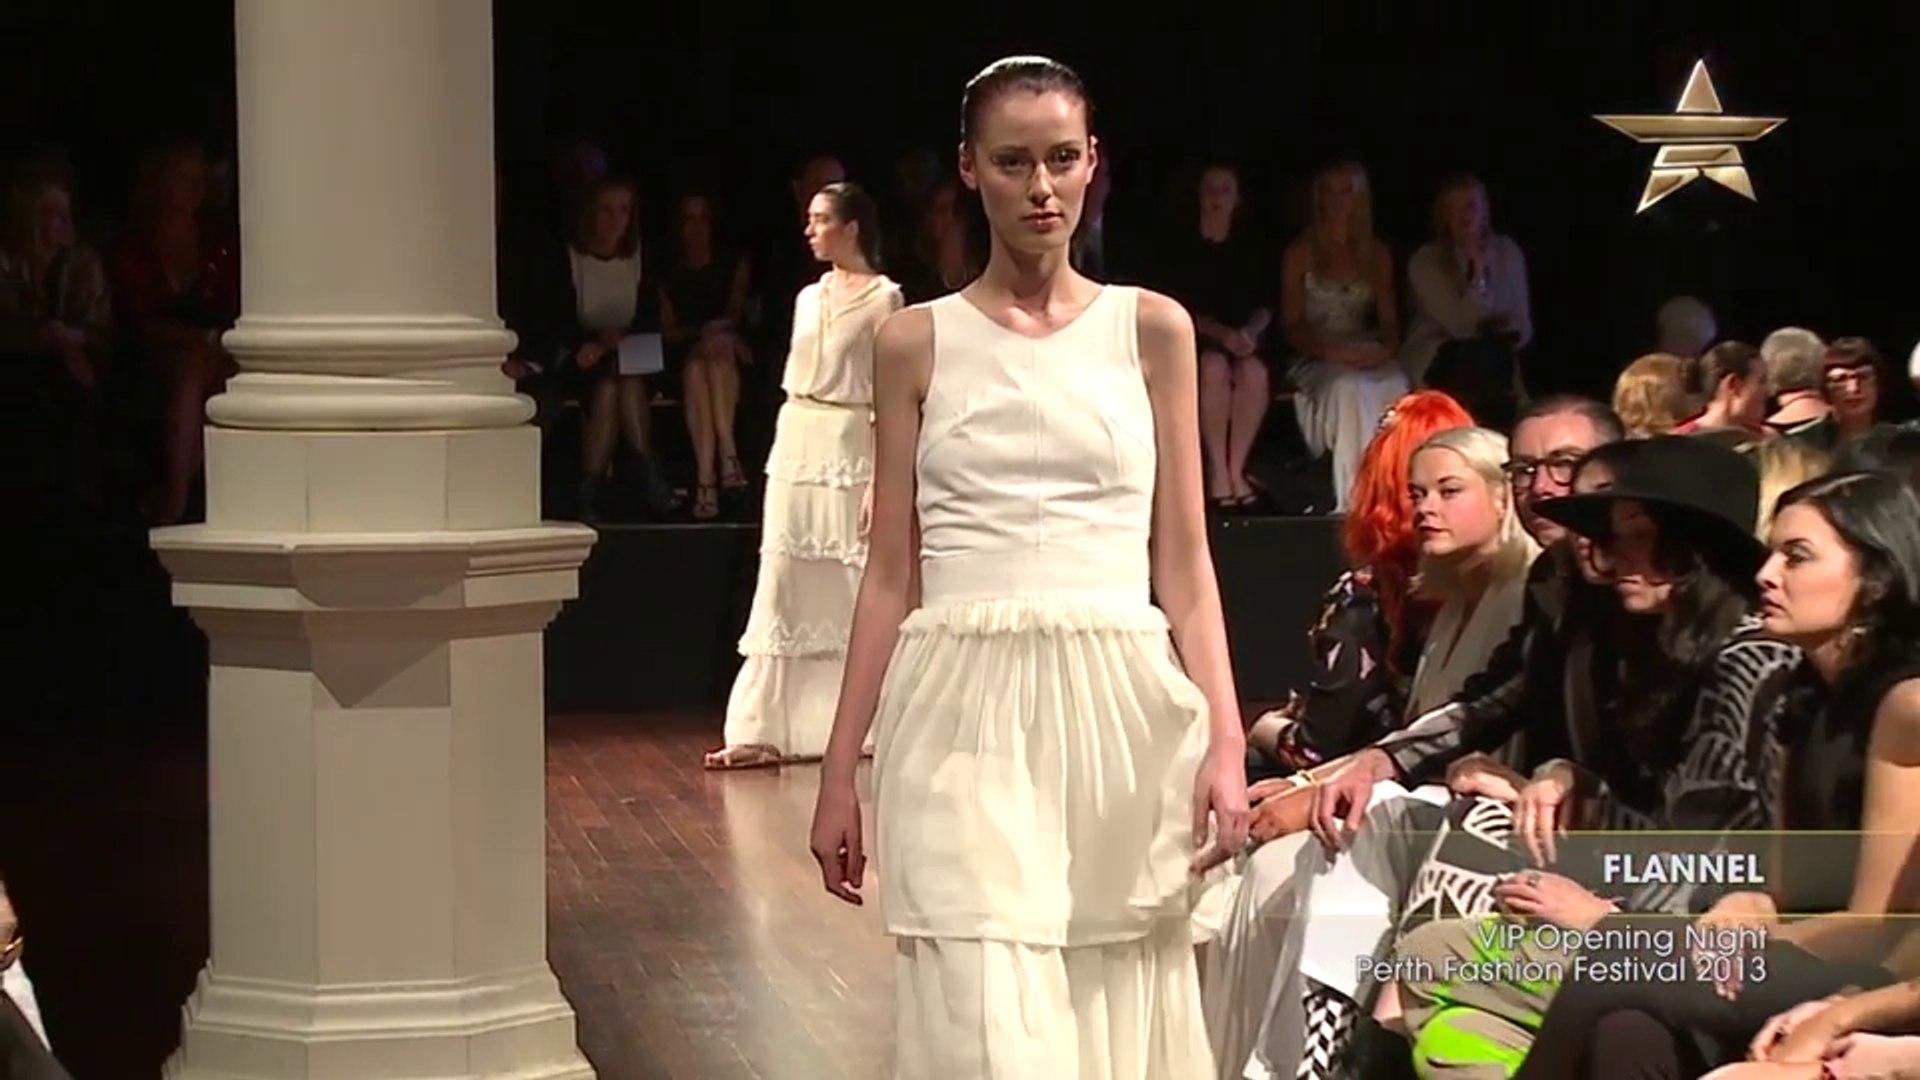 Fashion Week FLANNEL Perth Fashion Festival 2013